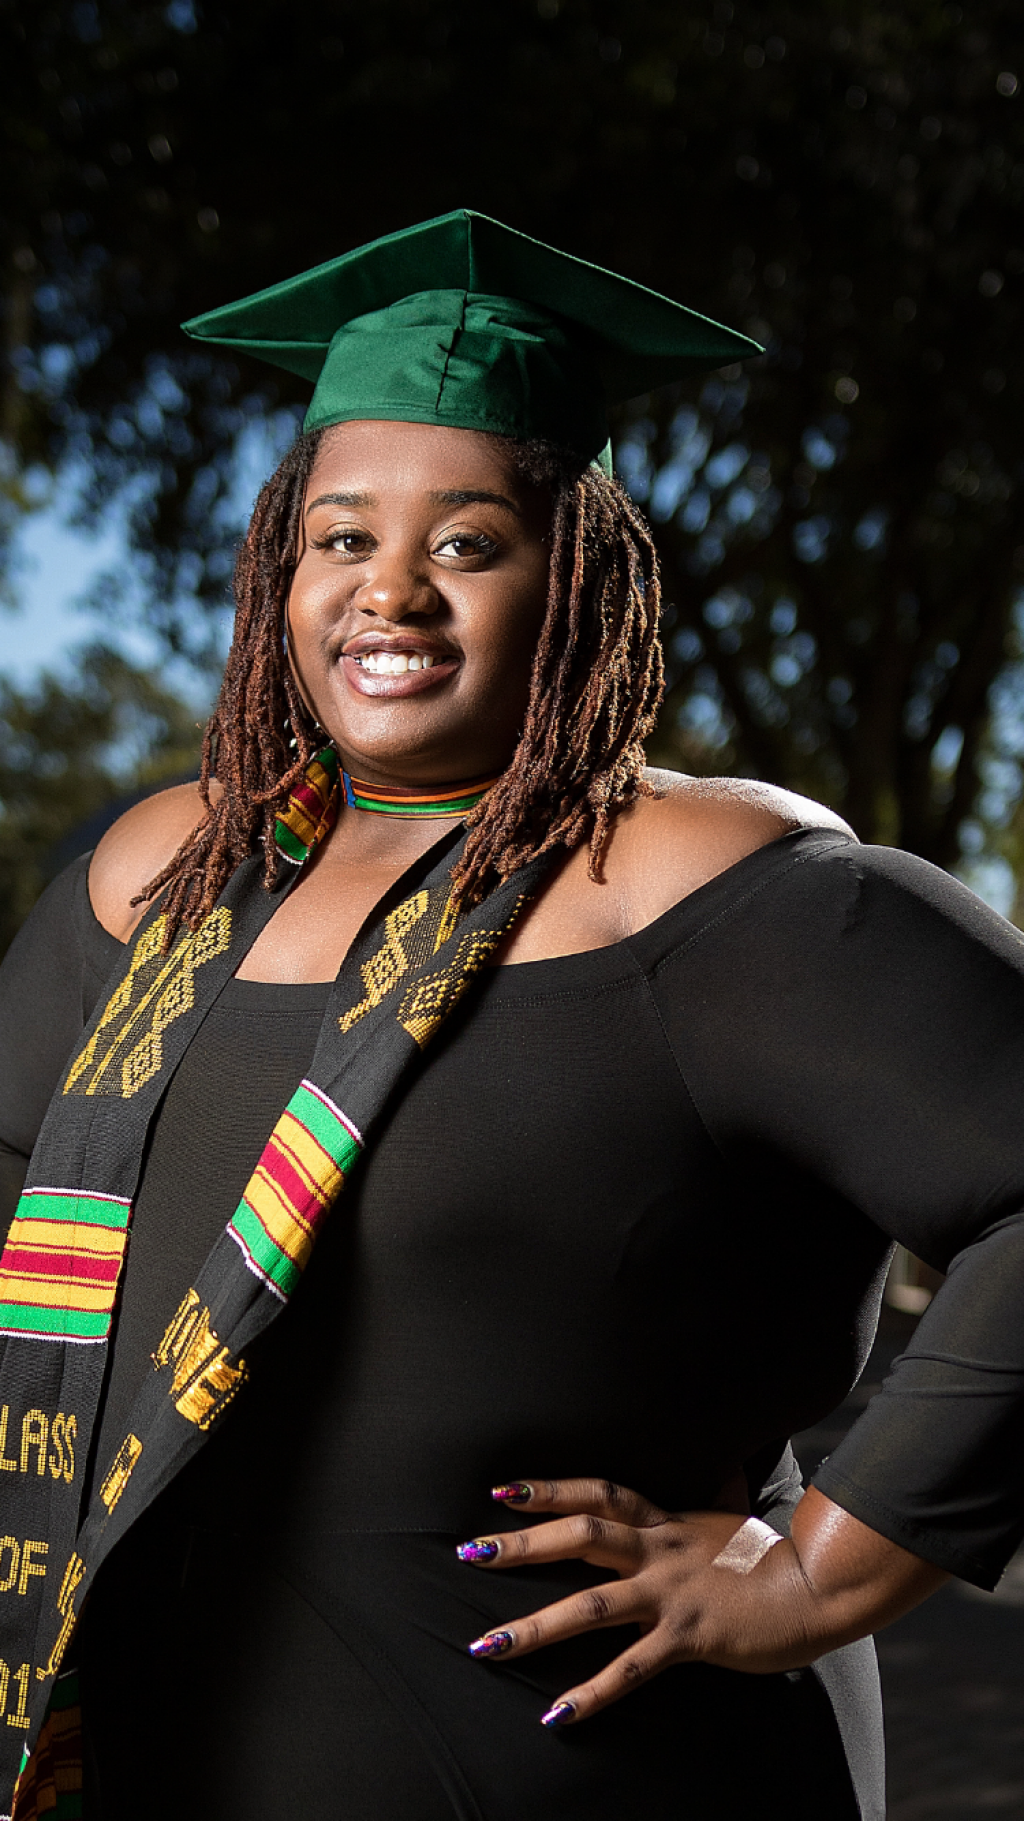 Fall 2017 graduates look ahead